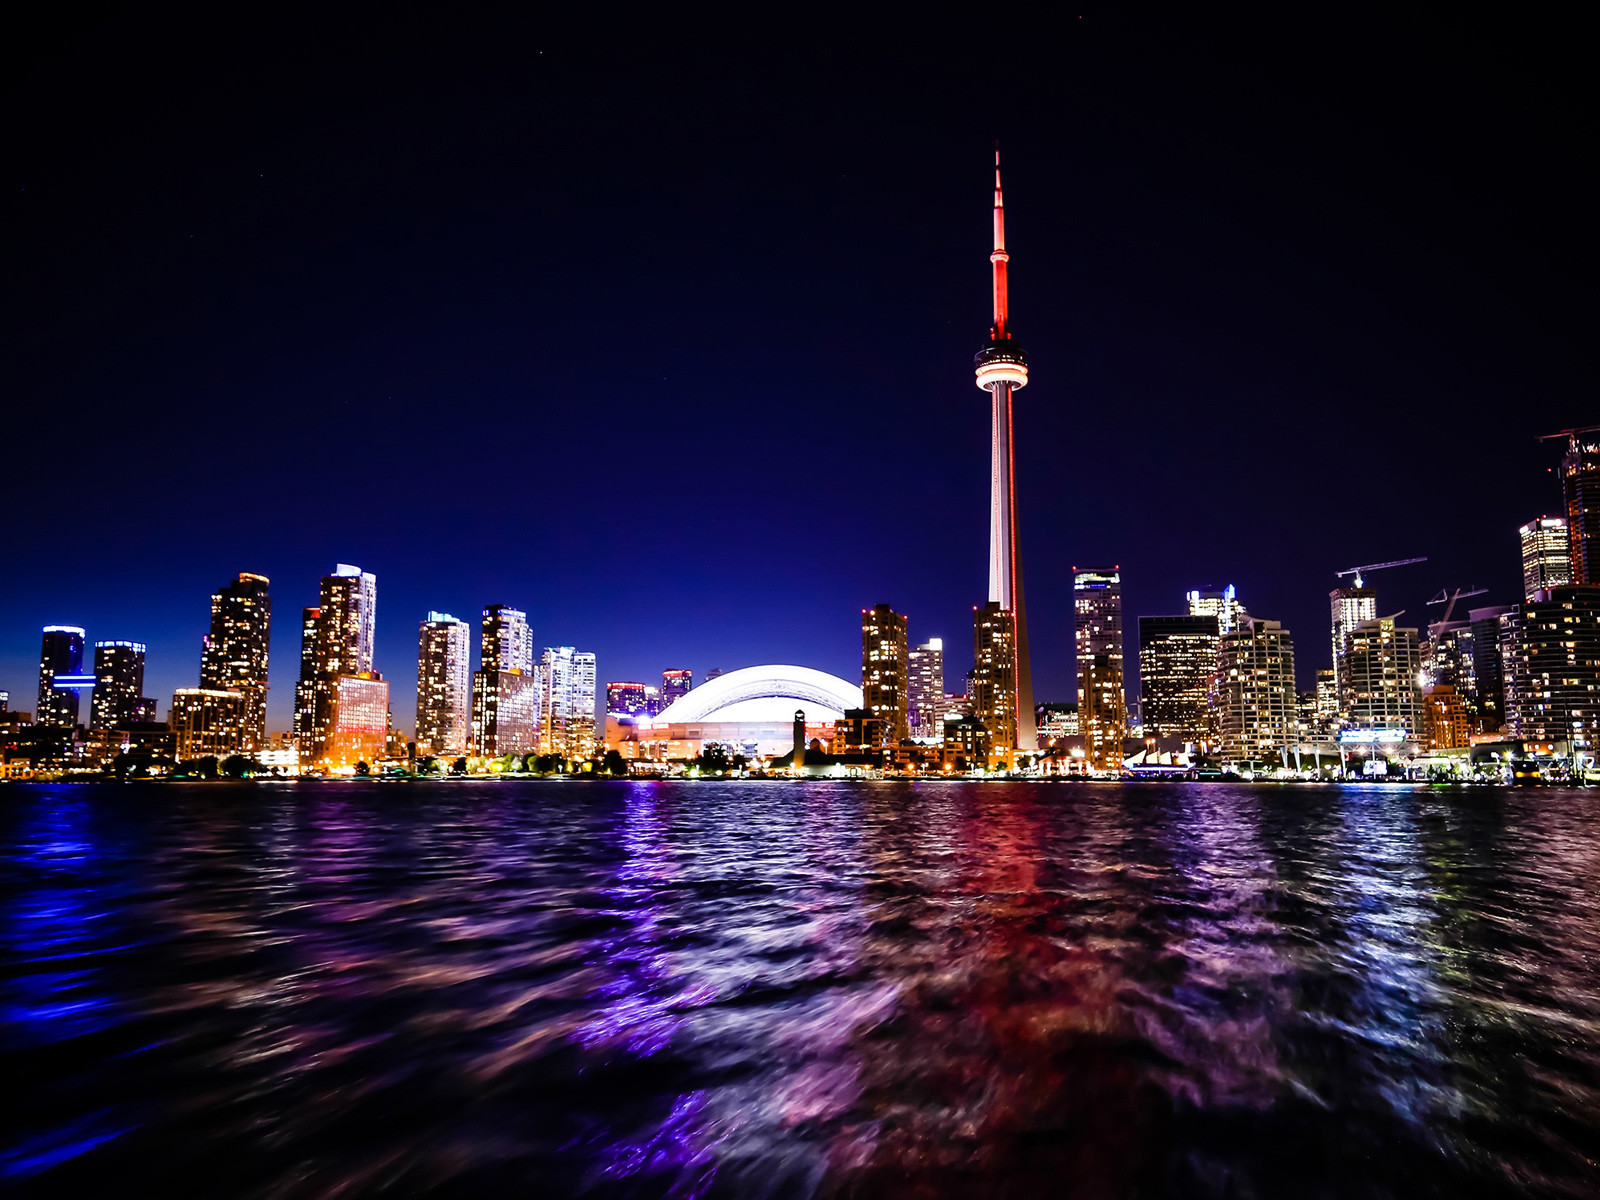 Toronto Nightscape Wallpaper DESKTOP BACKGROUNDS Best Wallpapers 1600x1200